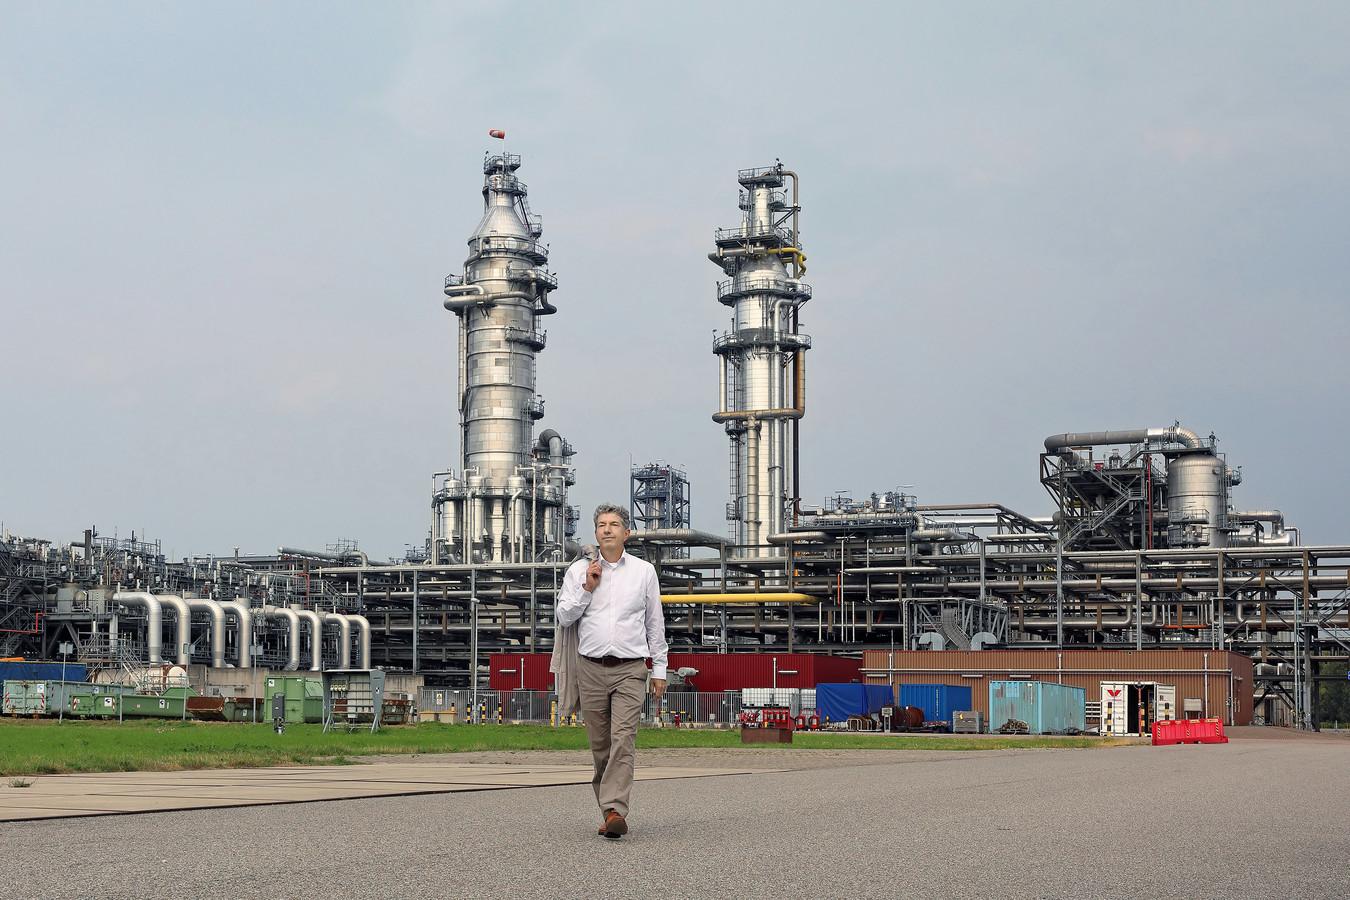 Directeur Shell Moerdijk Paul Buijsingh (58) neemt afscheid na een pittige periode. Hier wandelt hij weg bij de compleet vernnieuwe MSPO, de fabriek die twee dagen na zijn aantreden voor honderden miljoenen euro's beschadigd raakte na een explosie en brand.